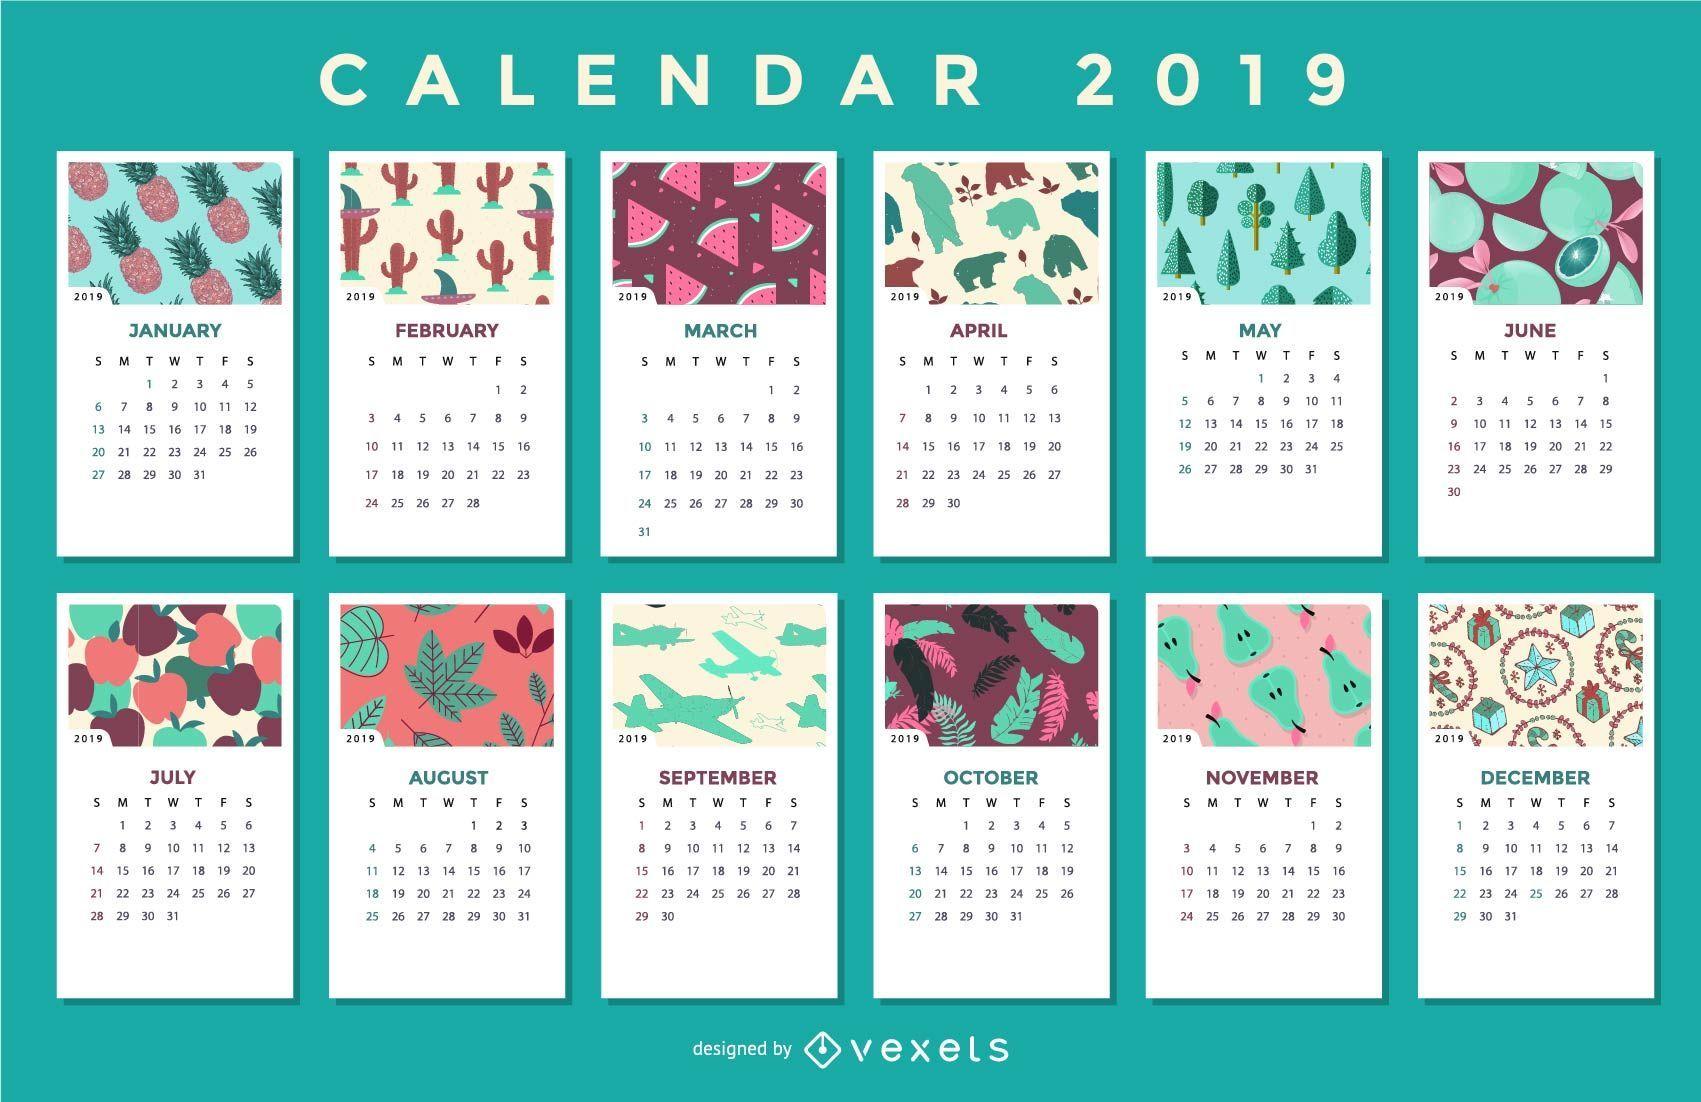 seasonal patterns 2019 calendar design vector download. Black Bedroom Furniture Sets. Home Design Ideas